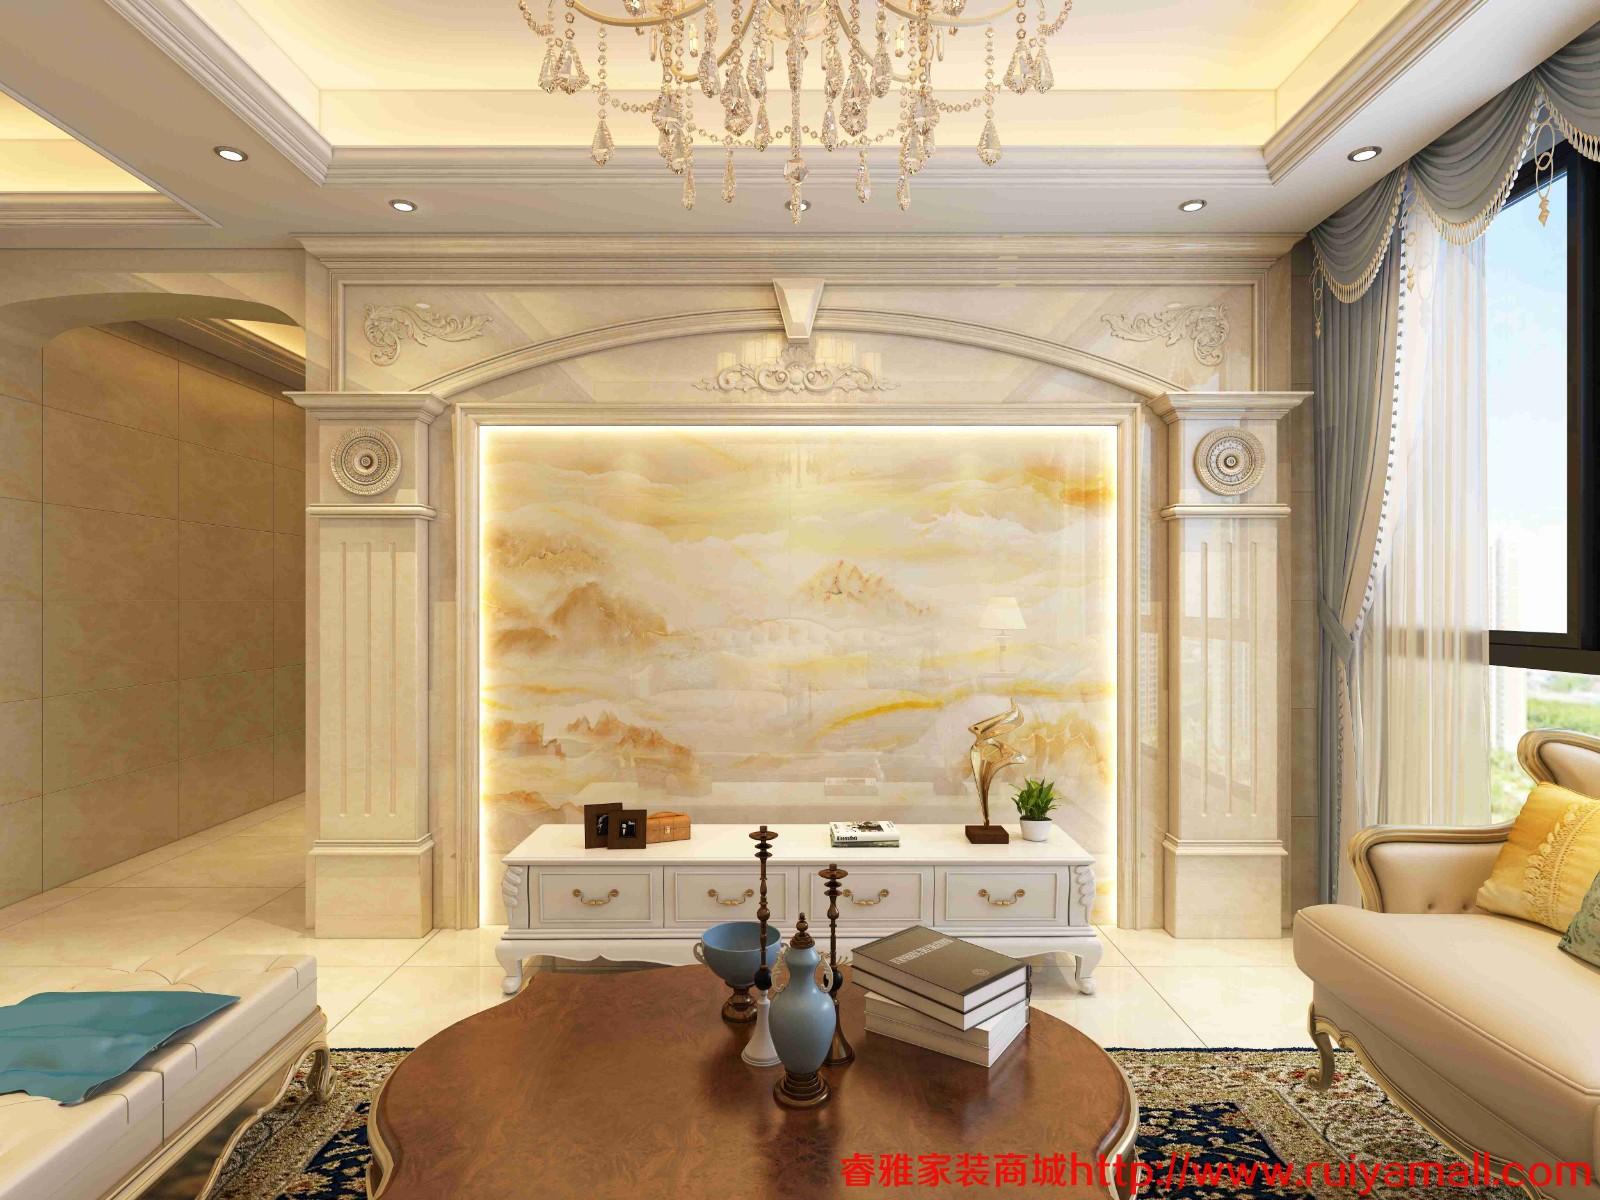 电视背景墙瓷砖现代简约客厅3D微晶石石材边框装饰造型石材护墙板-套餐8